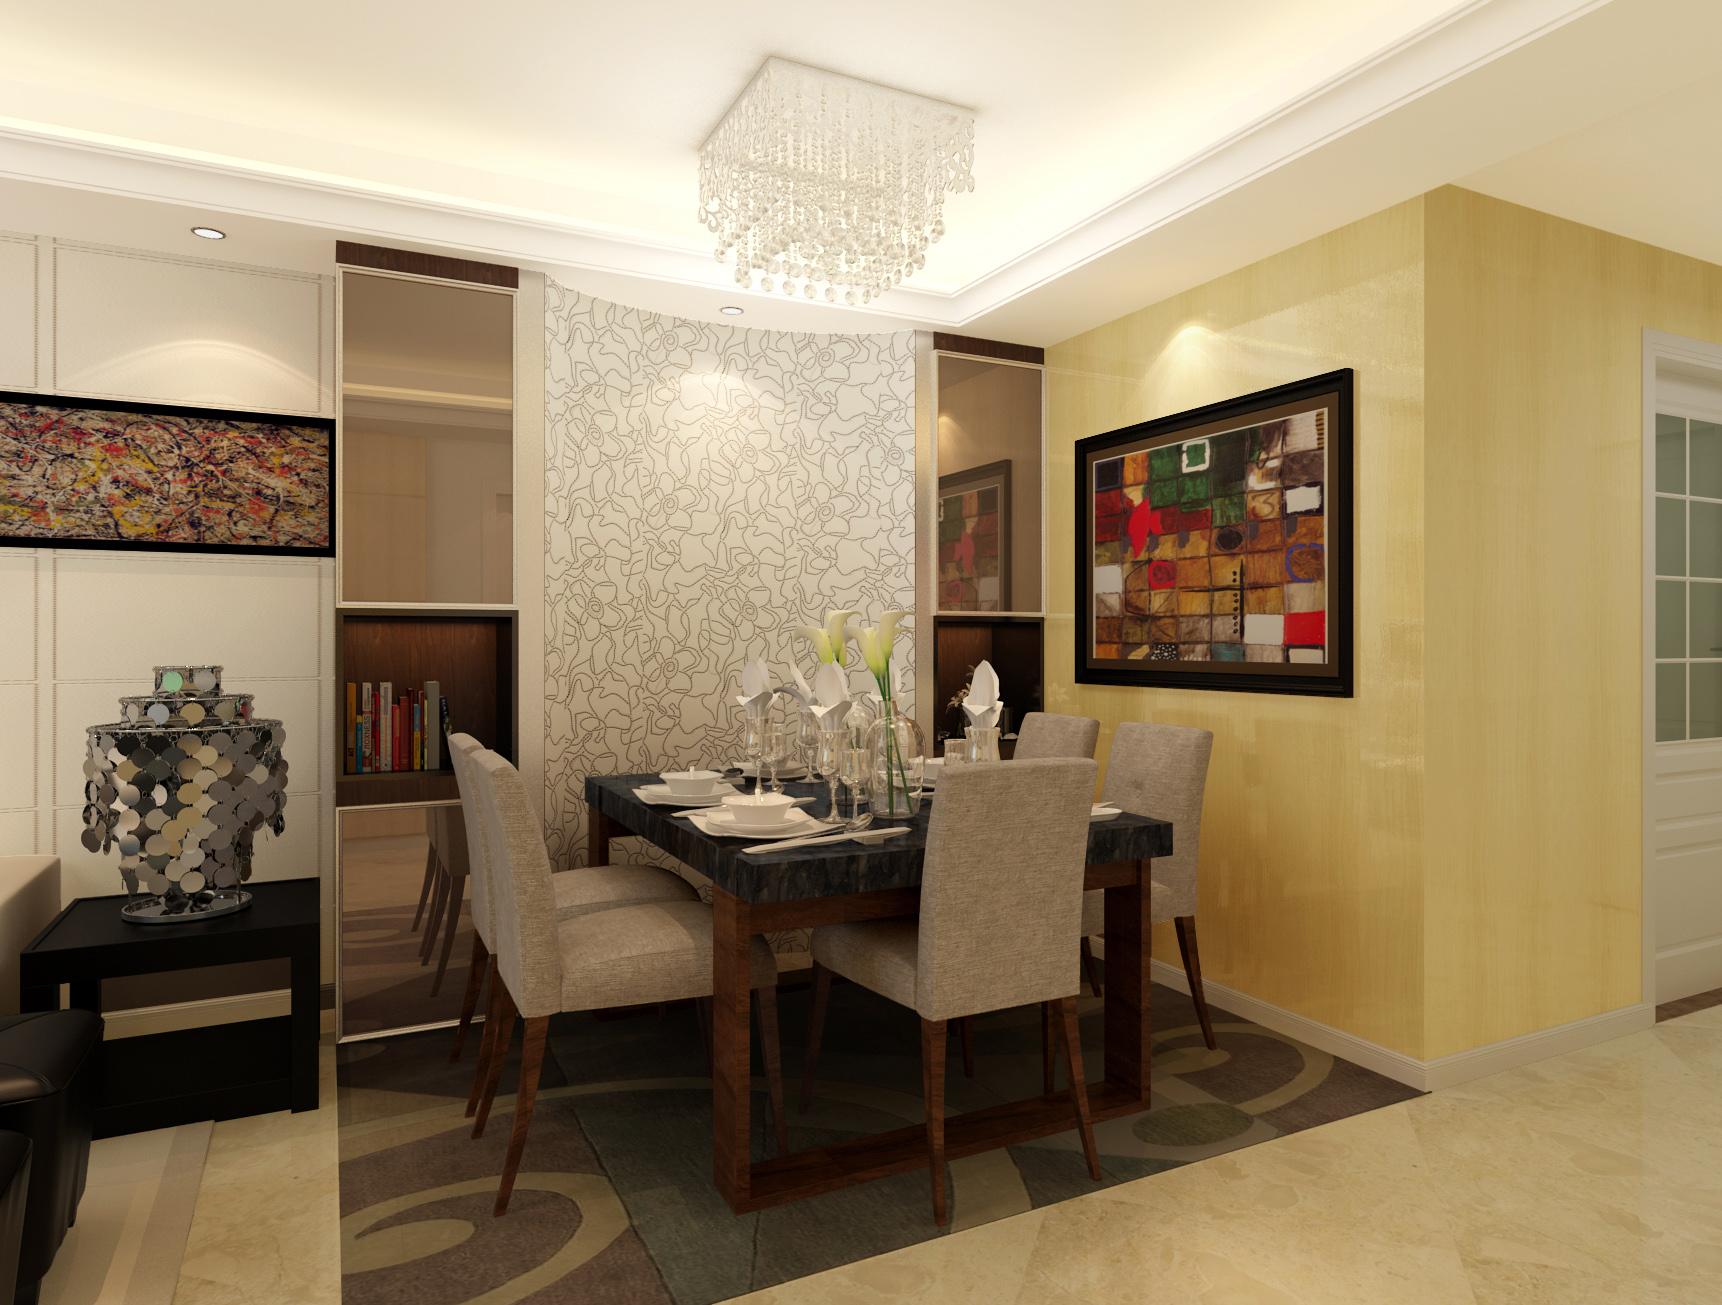 现代 三居 80后 餐厅图片来自北京今朝装饰刘在润泽公馆三居经典现代设计的分享